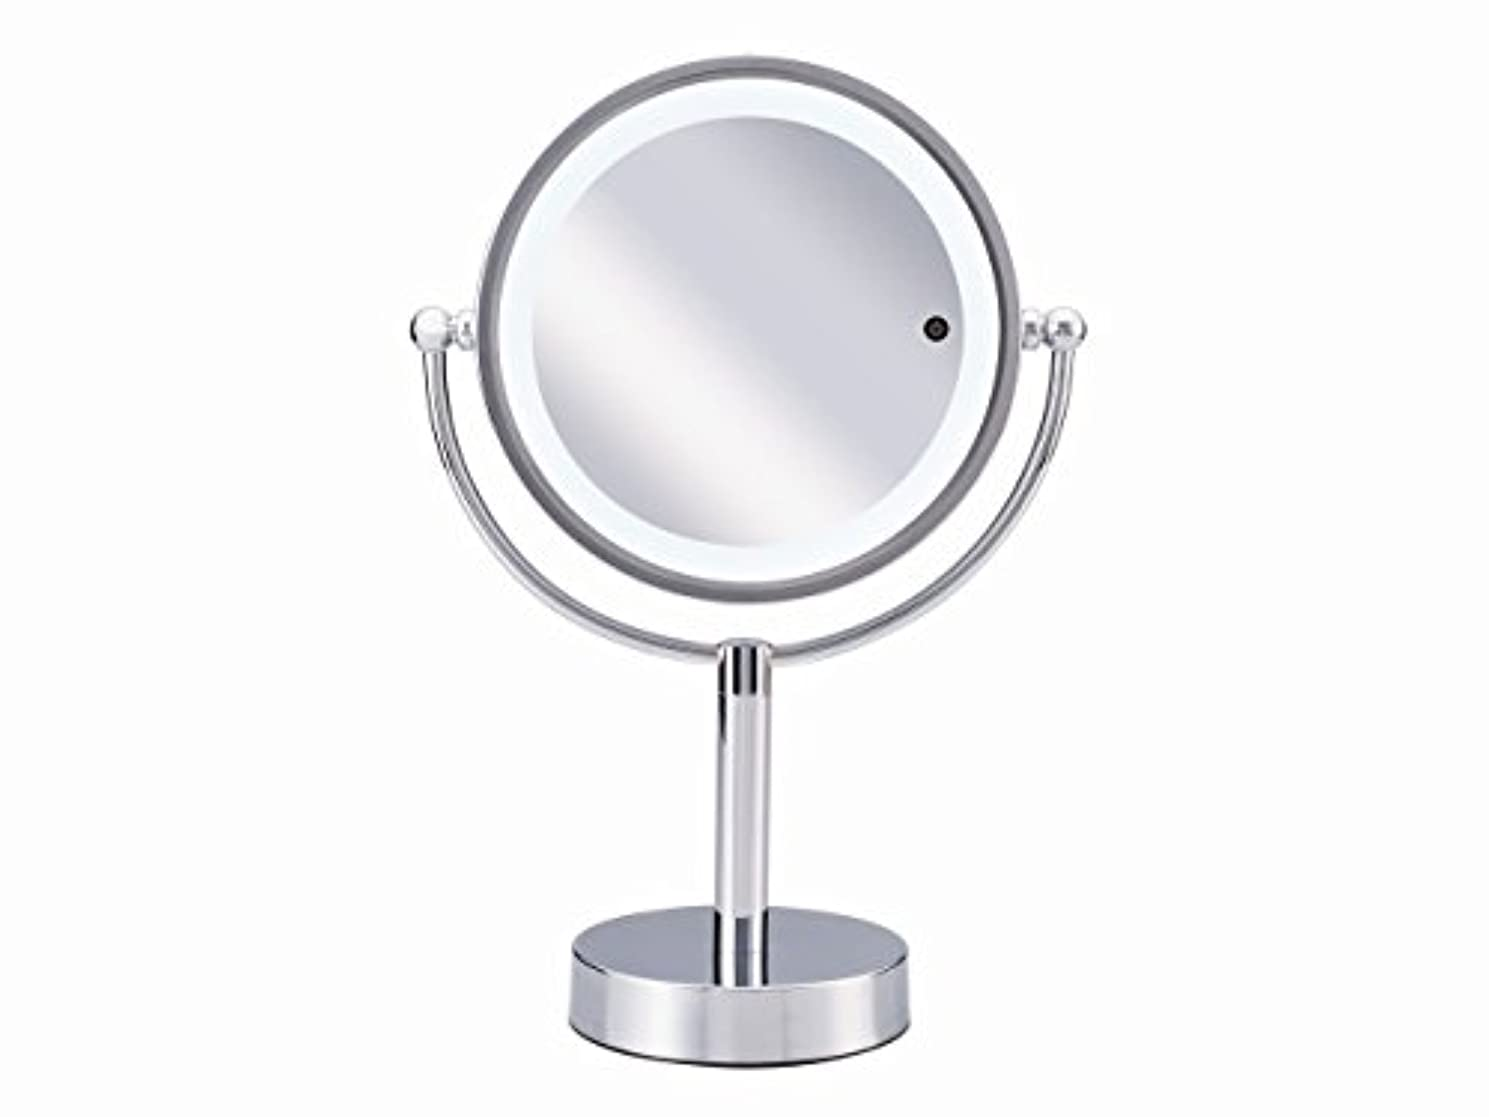 やむを得ない王族首相コイズミ 拡大鏡 シルバー KBE-3090/S